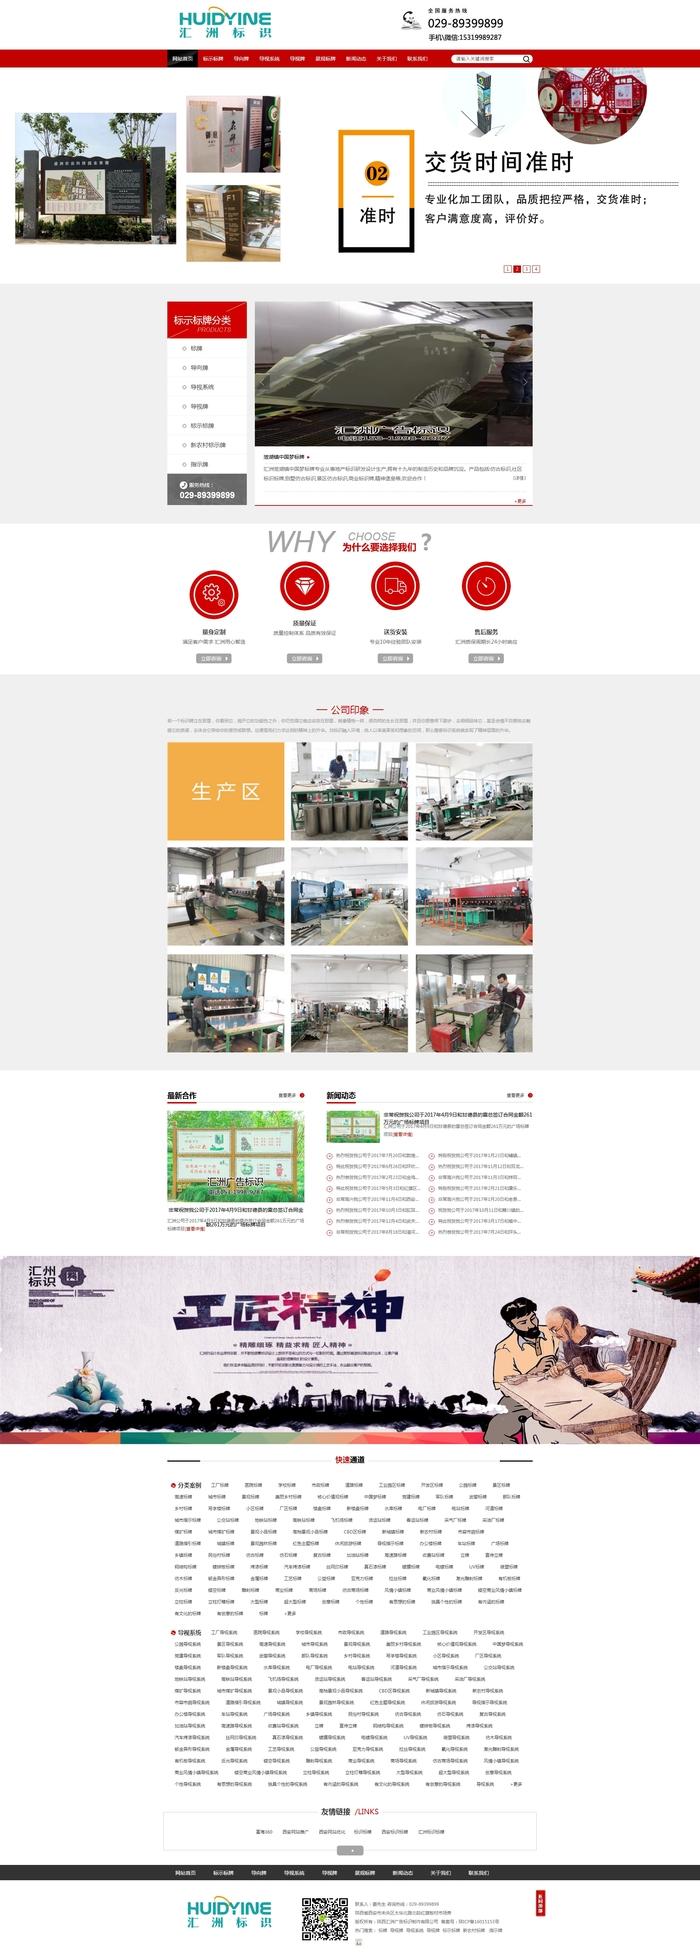 标识标牌,西安标识设计,西安广告牌制作,西安广告牌设计加入铭赞富海360营销系统